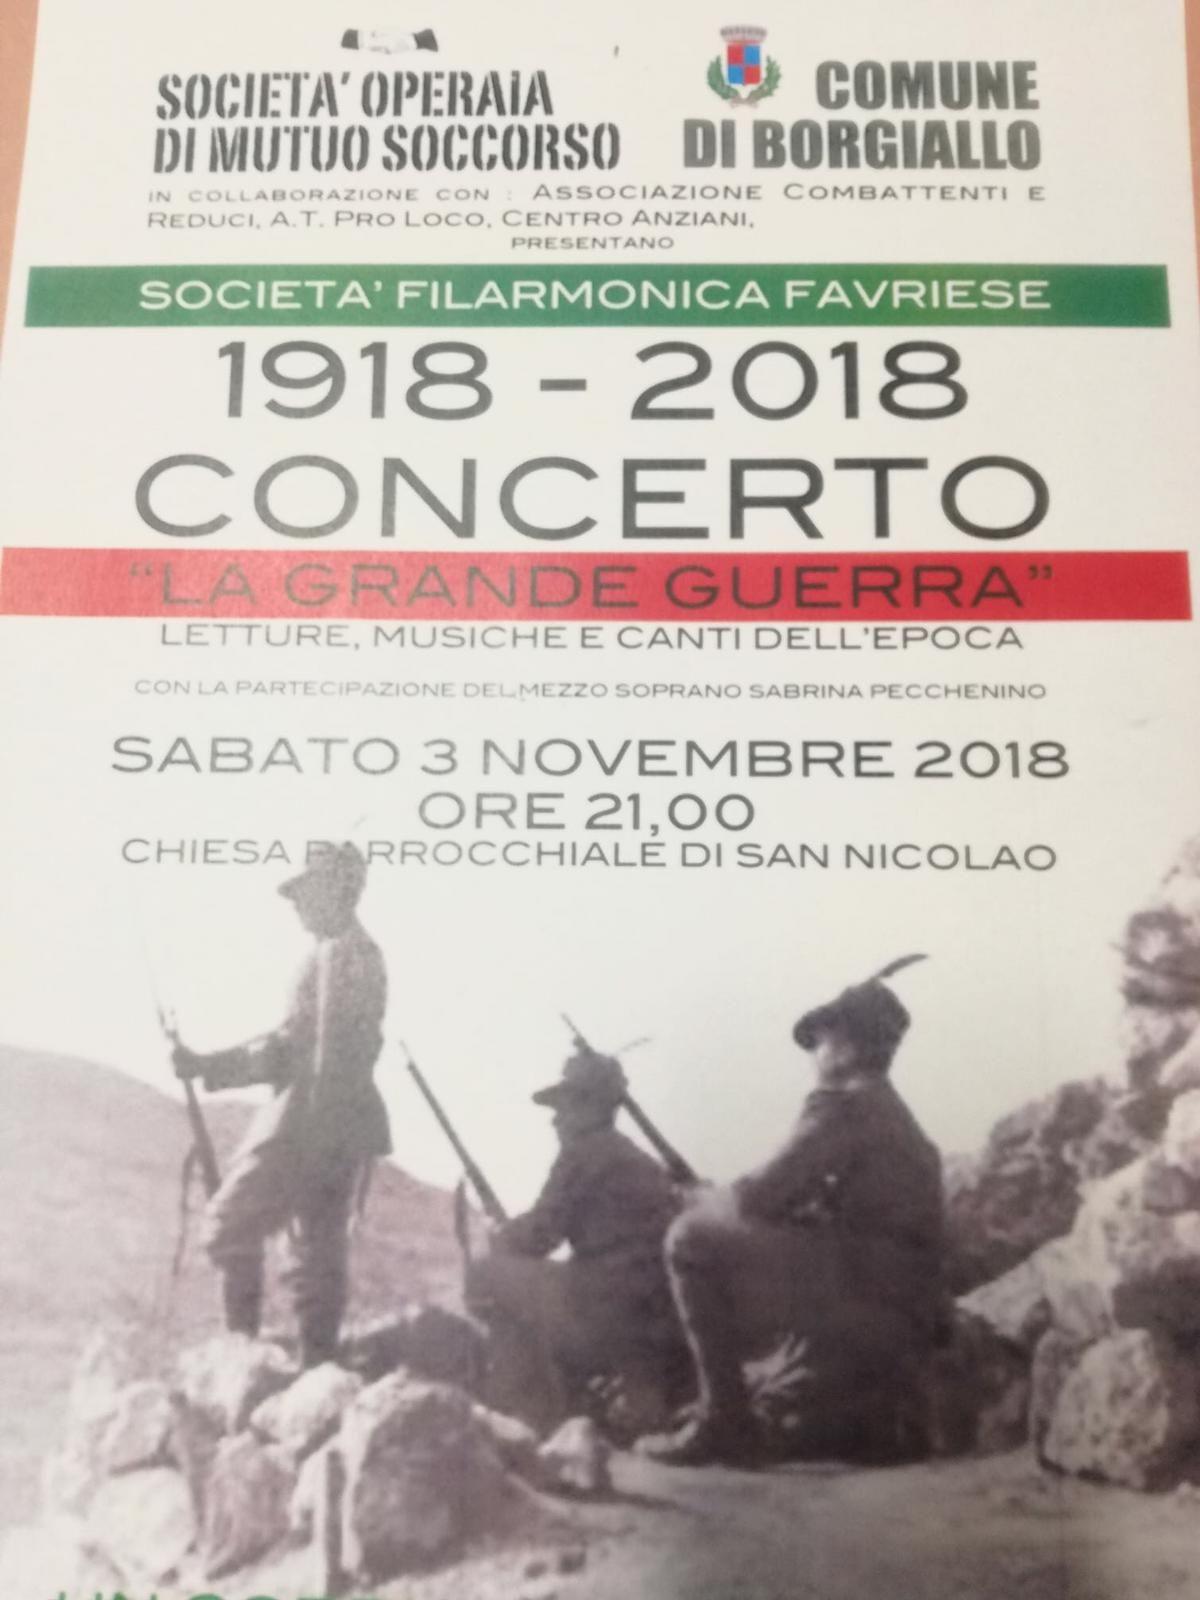 BORGIALLO - La Grande Guerra: concerto del centenario 1918–2018